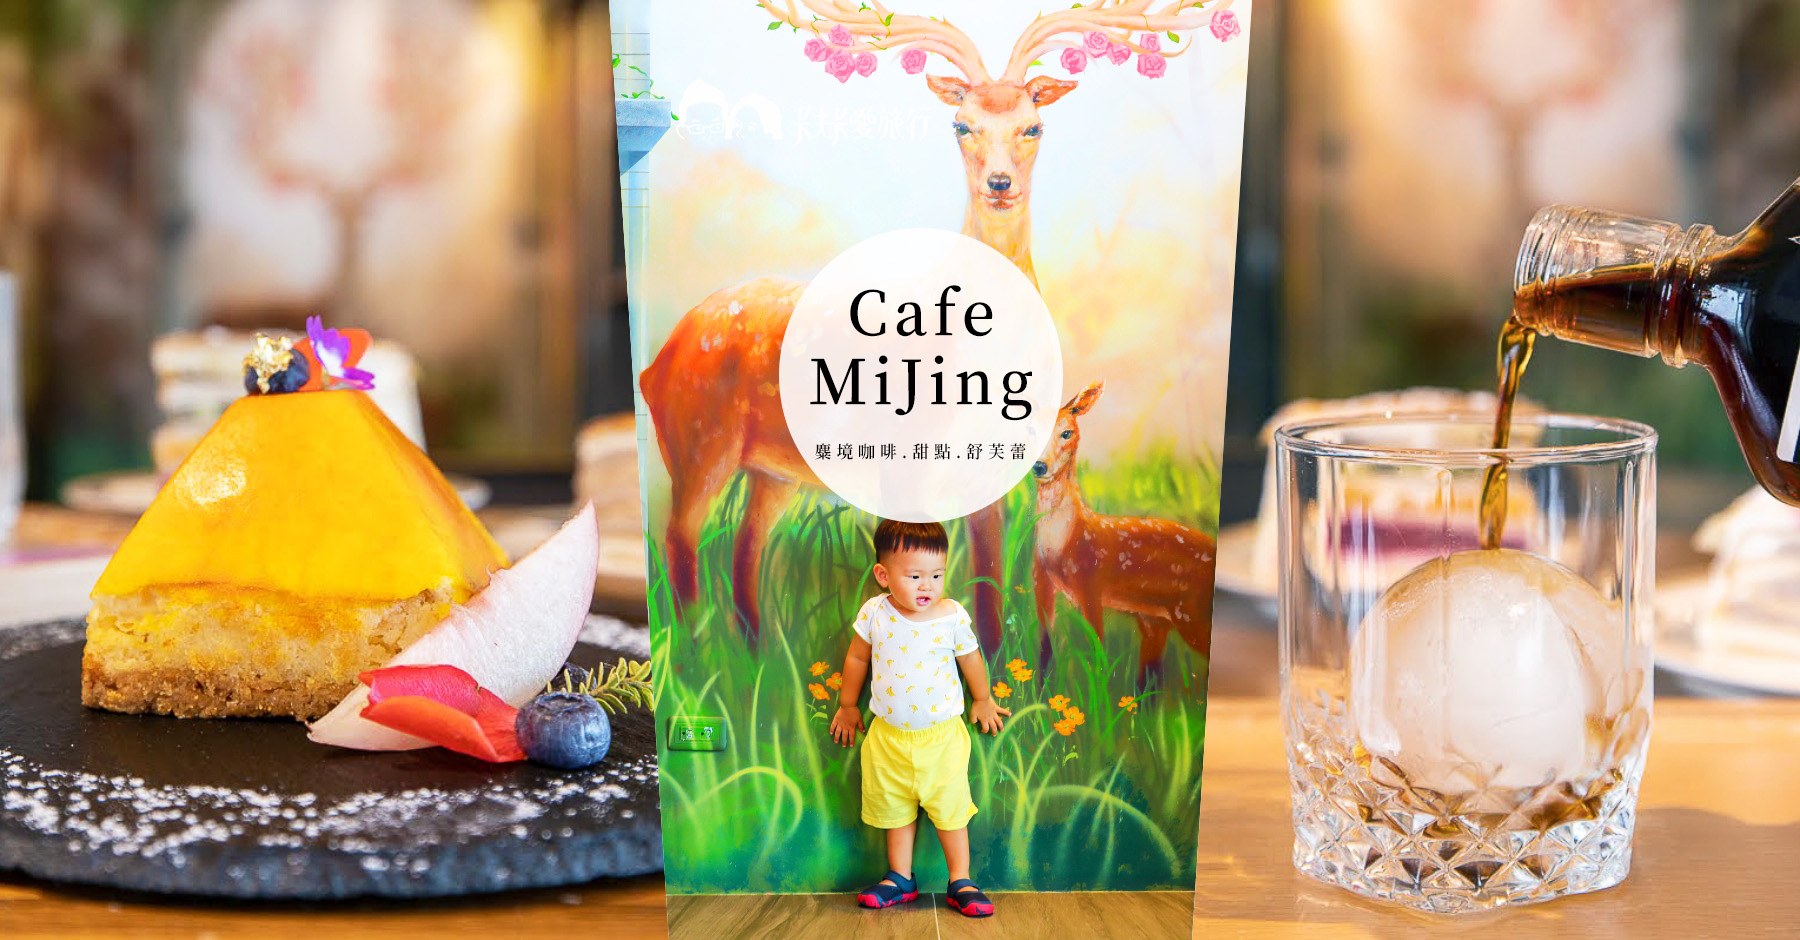 宜蘭壯圍下午茶甜點|麋境咖啡|日式舒芙蕾水果千層網美咖啡廳推薦菜單和民宿 - kafkalin.com